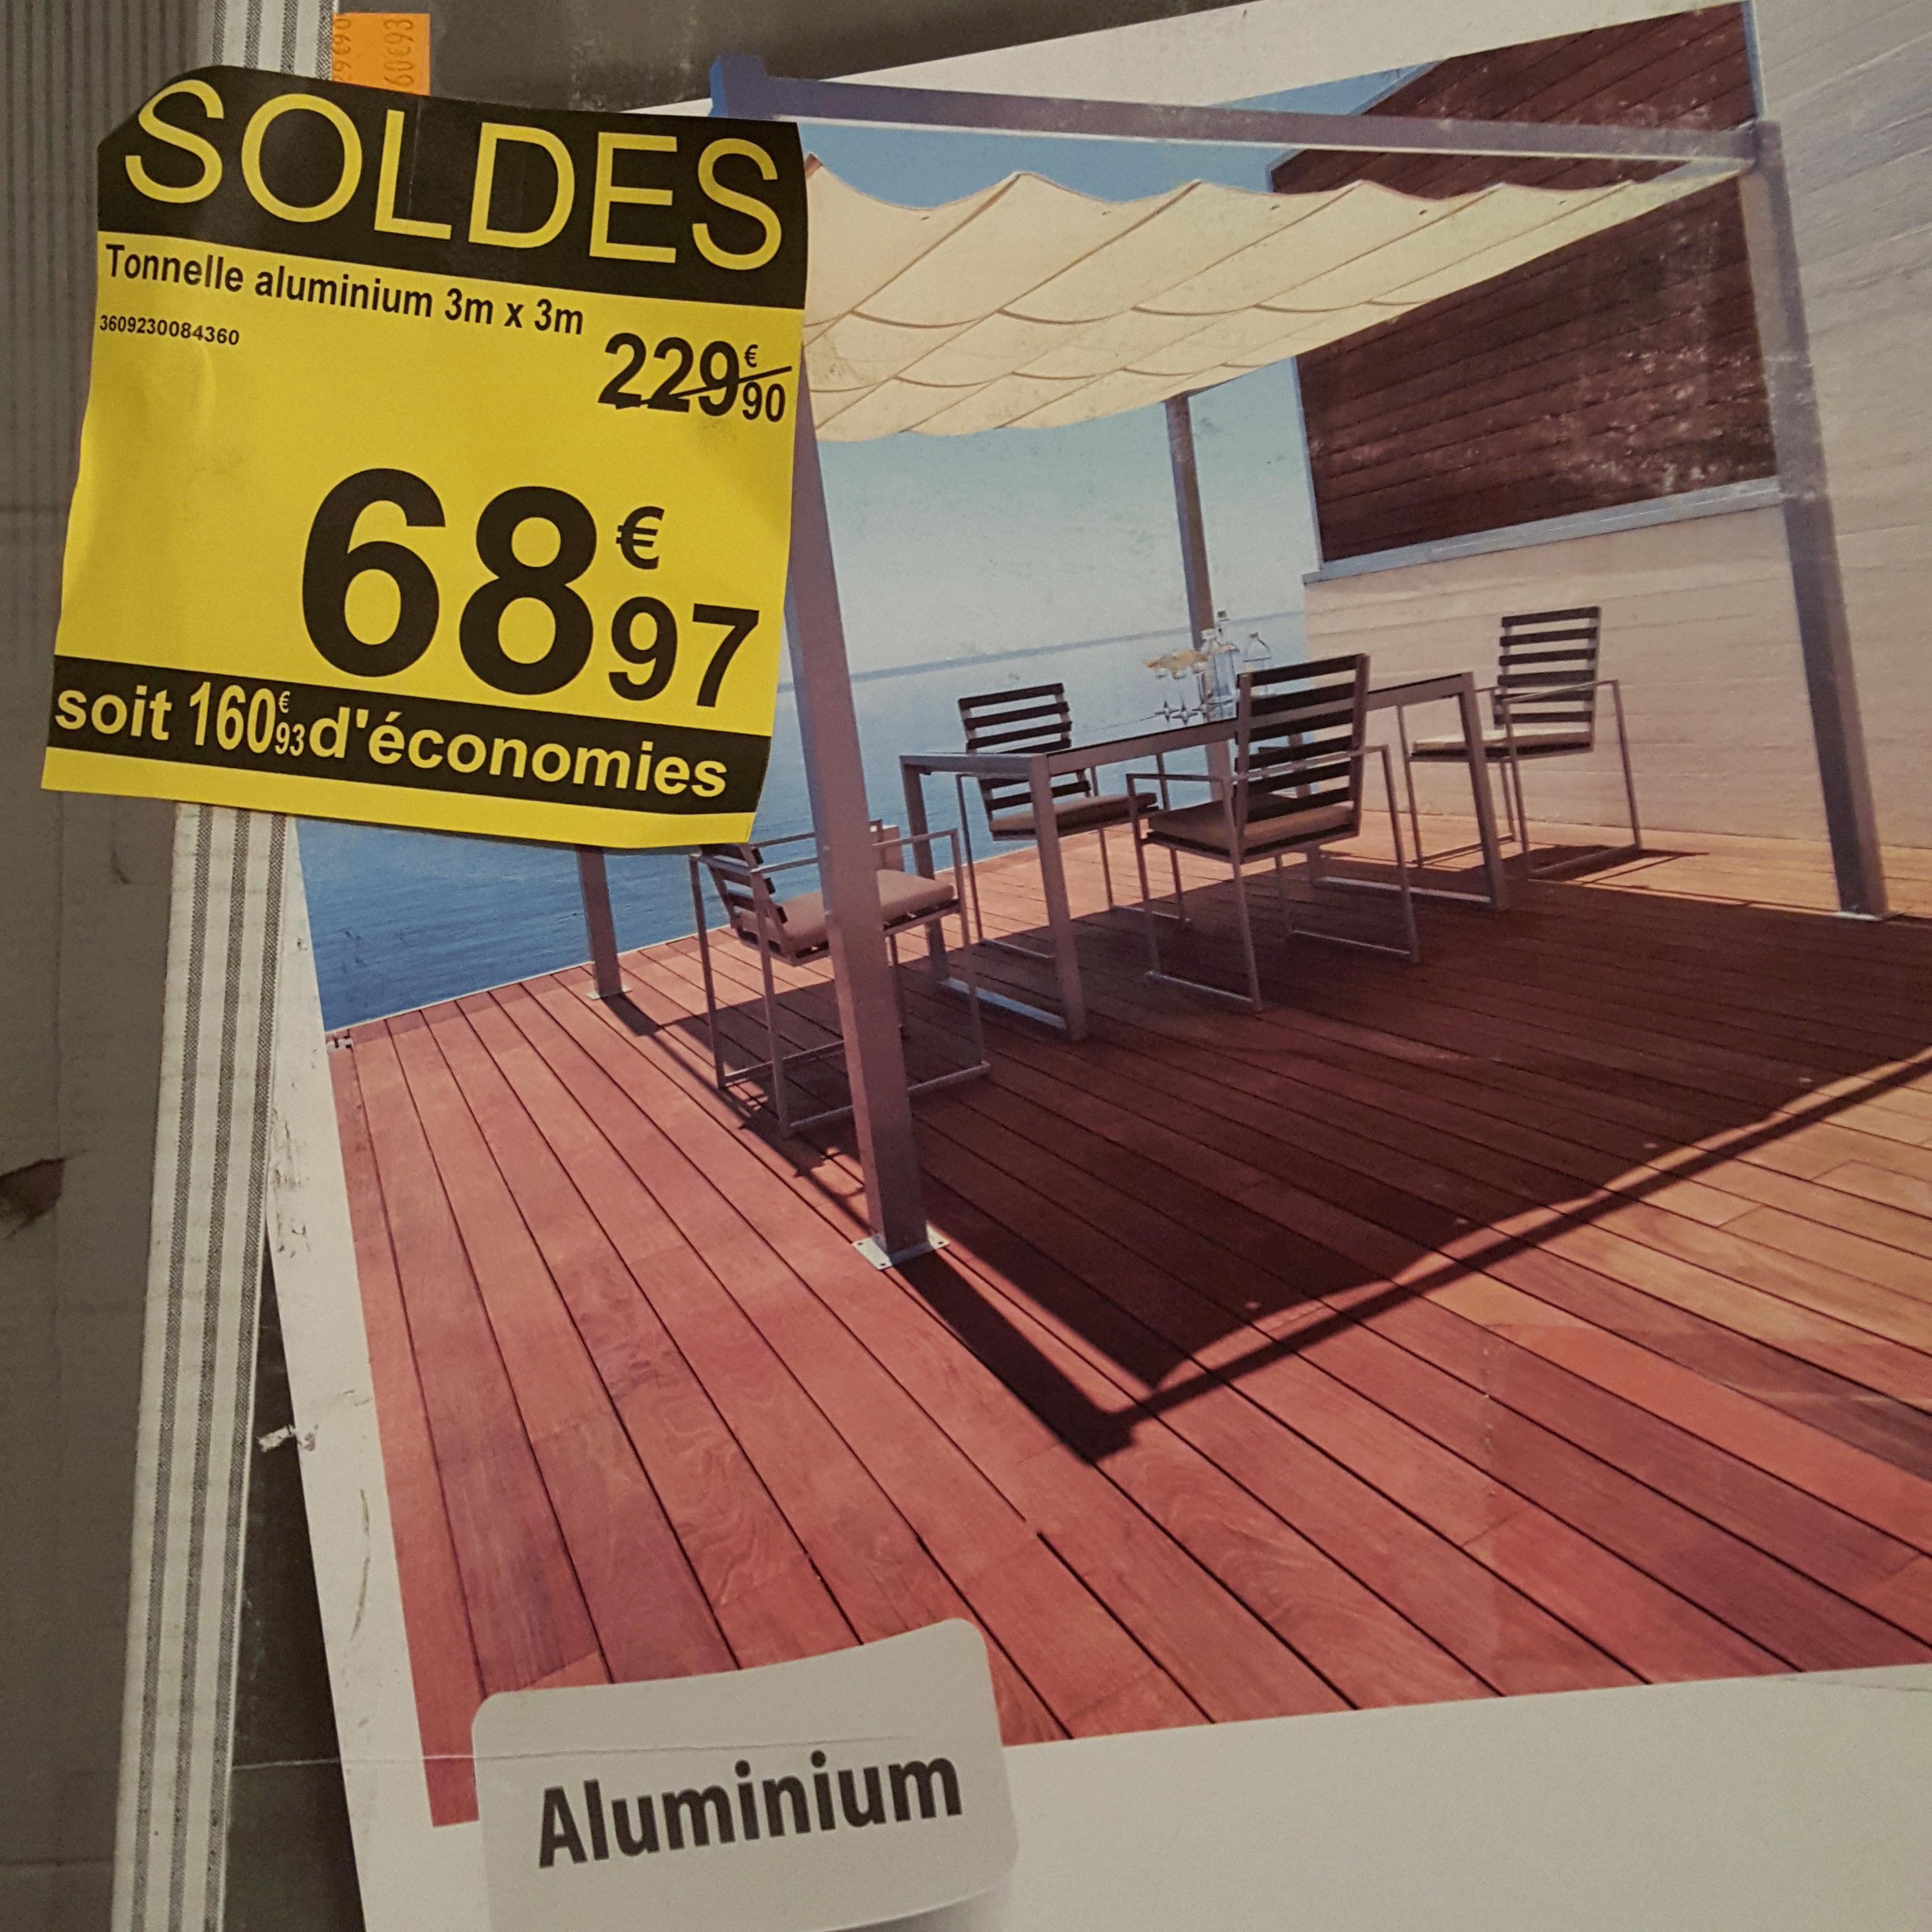 Tonnelle Bahia Carrefour en aluminium avec toile coulissante - 3x3m